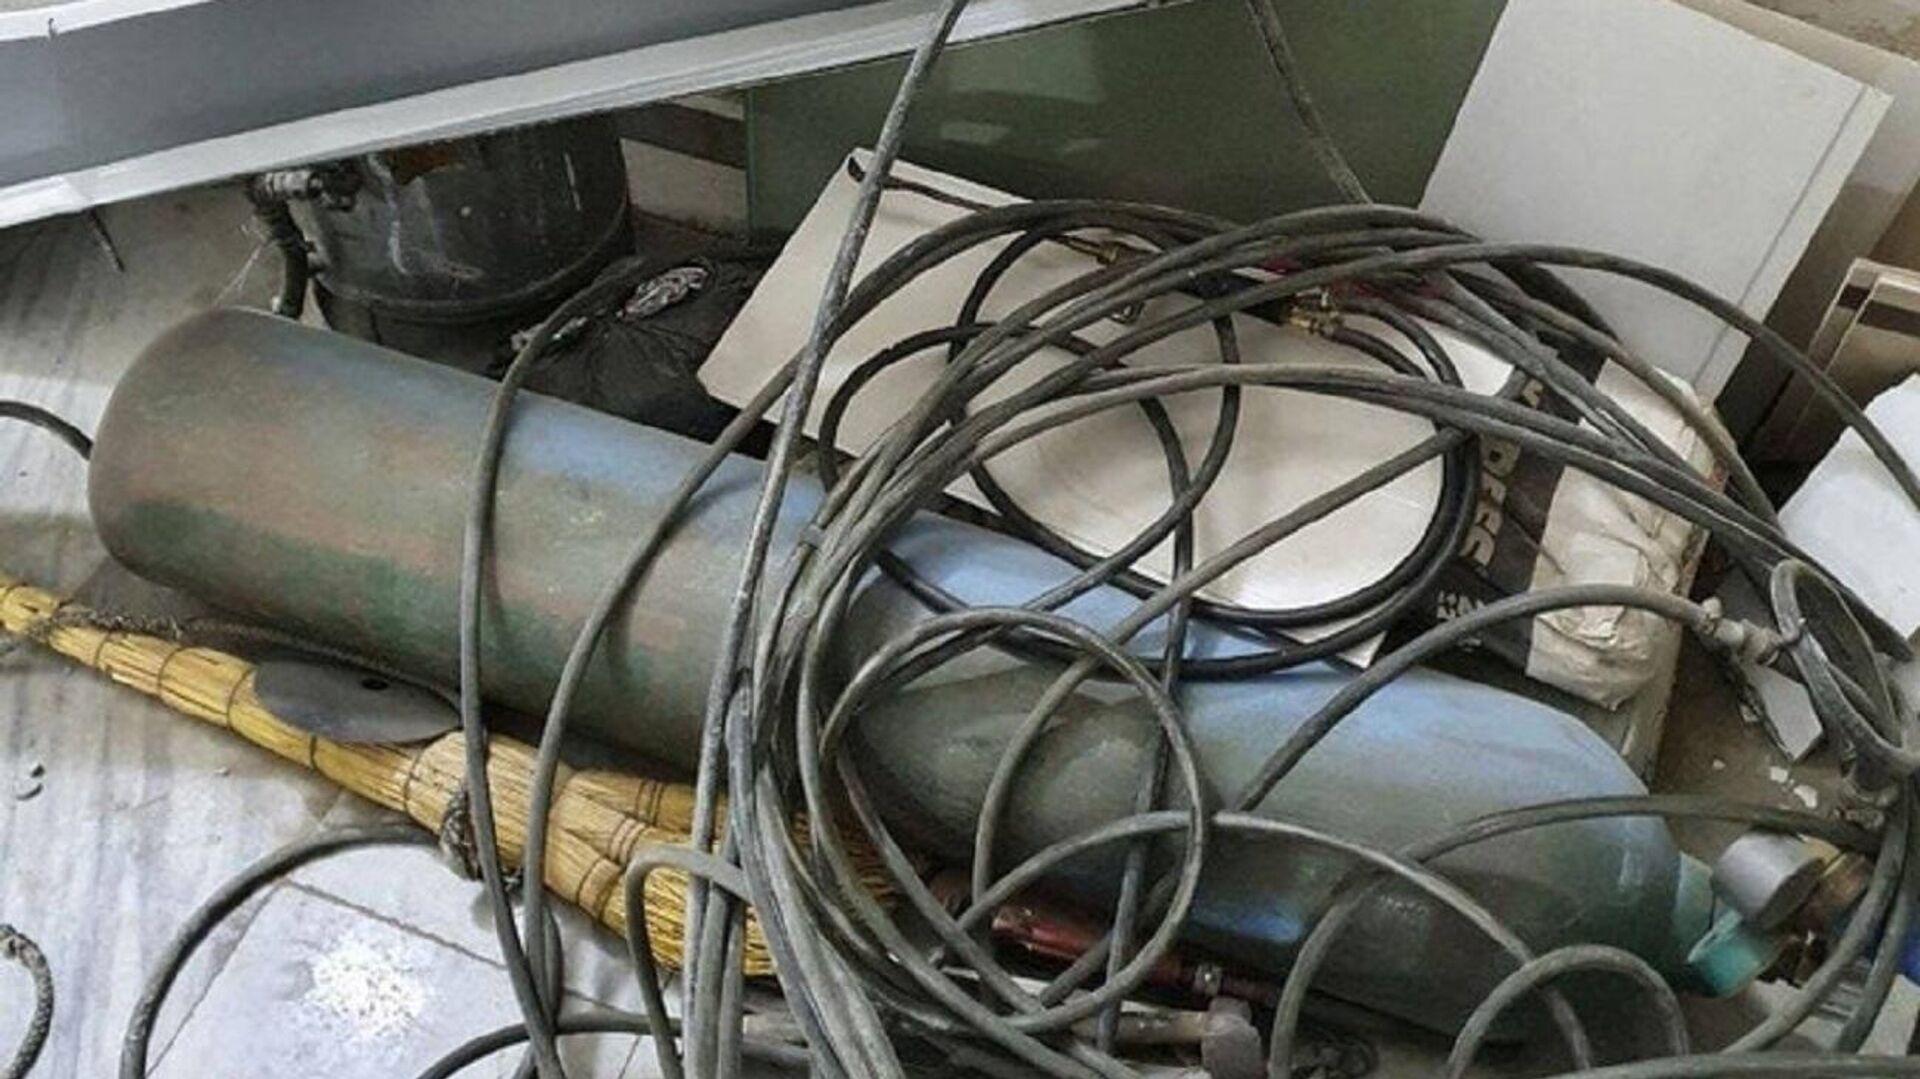 Взрыв газа в новостройке в Чиланзарском районе Ташкента - Sputnik Ўзбекистон, 1920, 04.10.2021